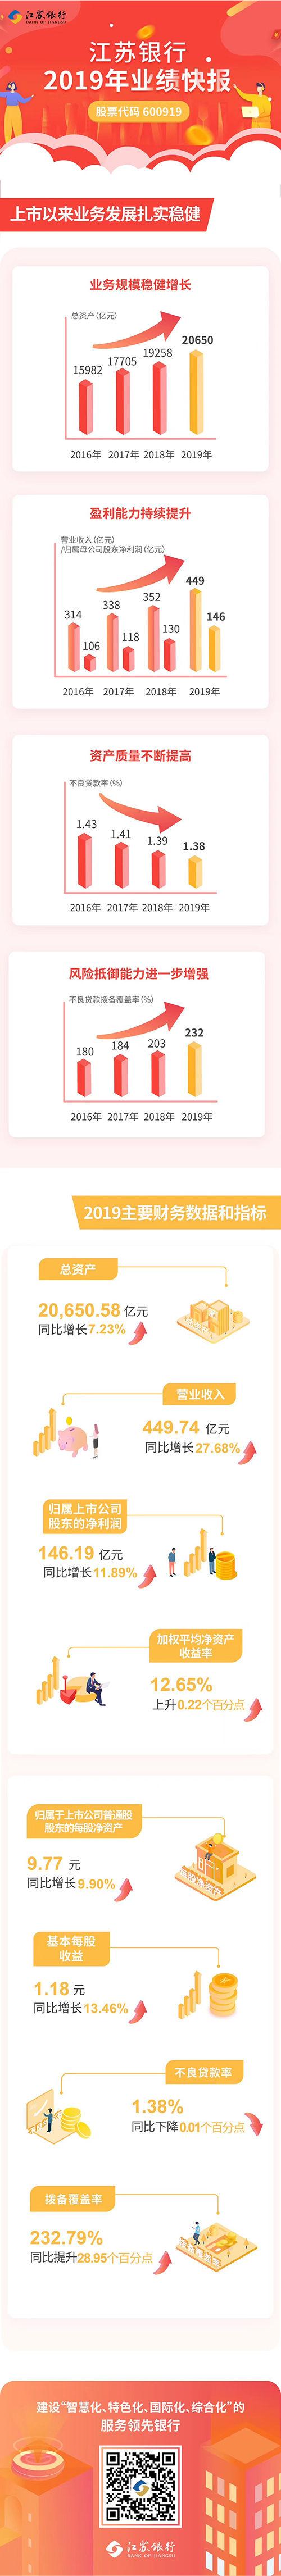 江苏银行2019年资产总额破2万亿